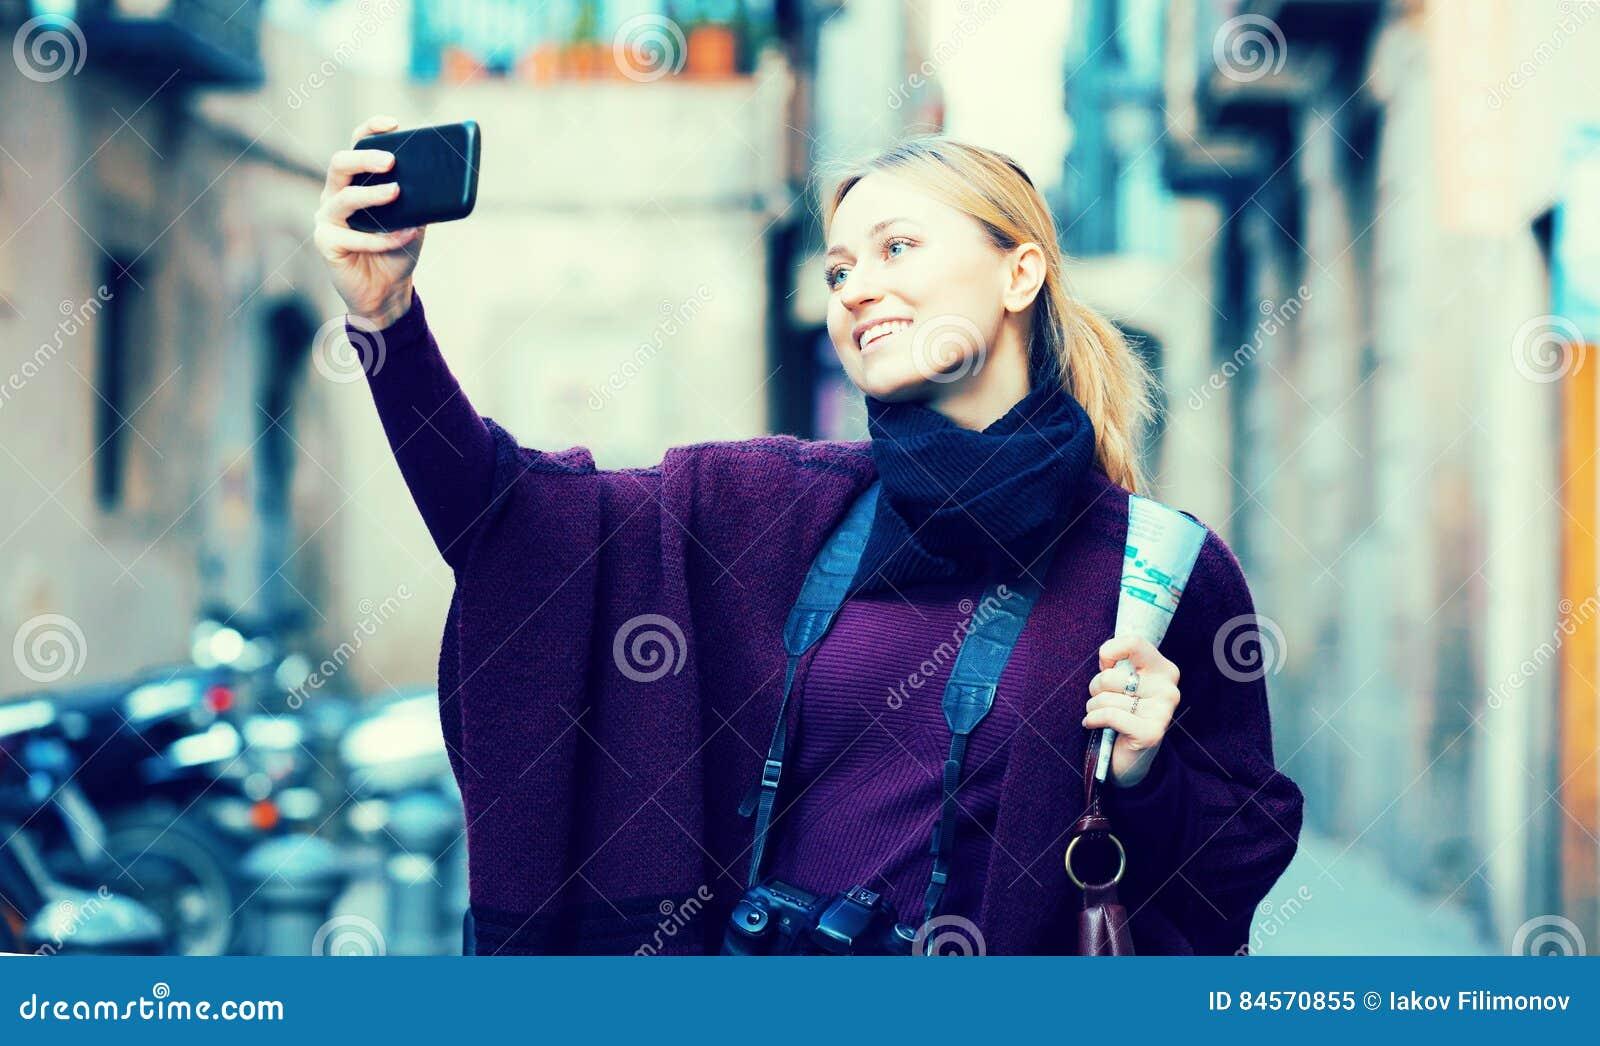 Картинка девушка фотографируется на телефон, девушка с голыми сиськами перед камерой